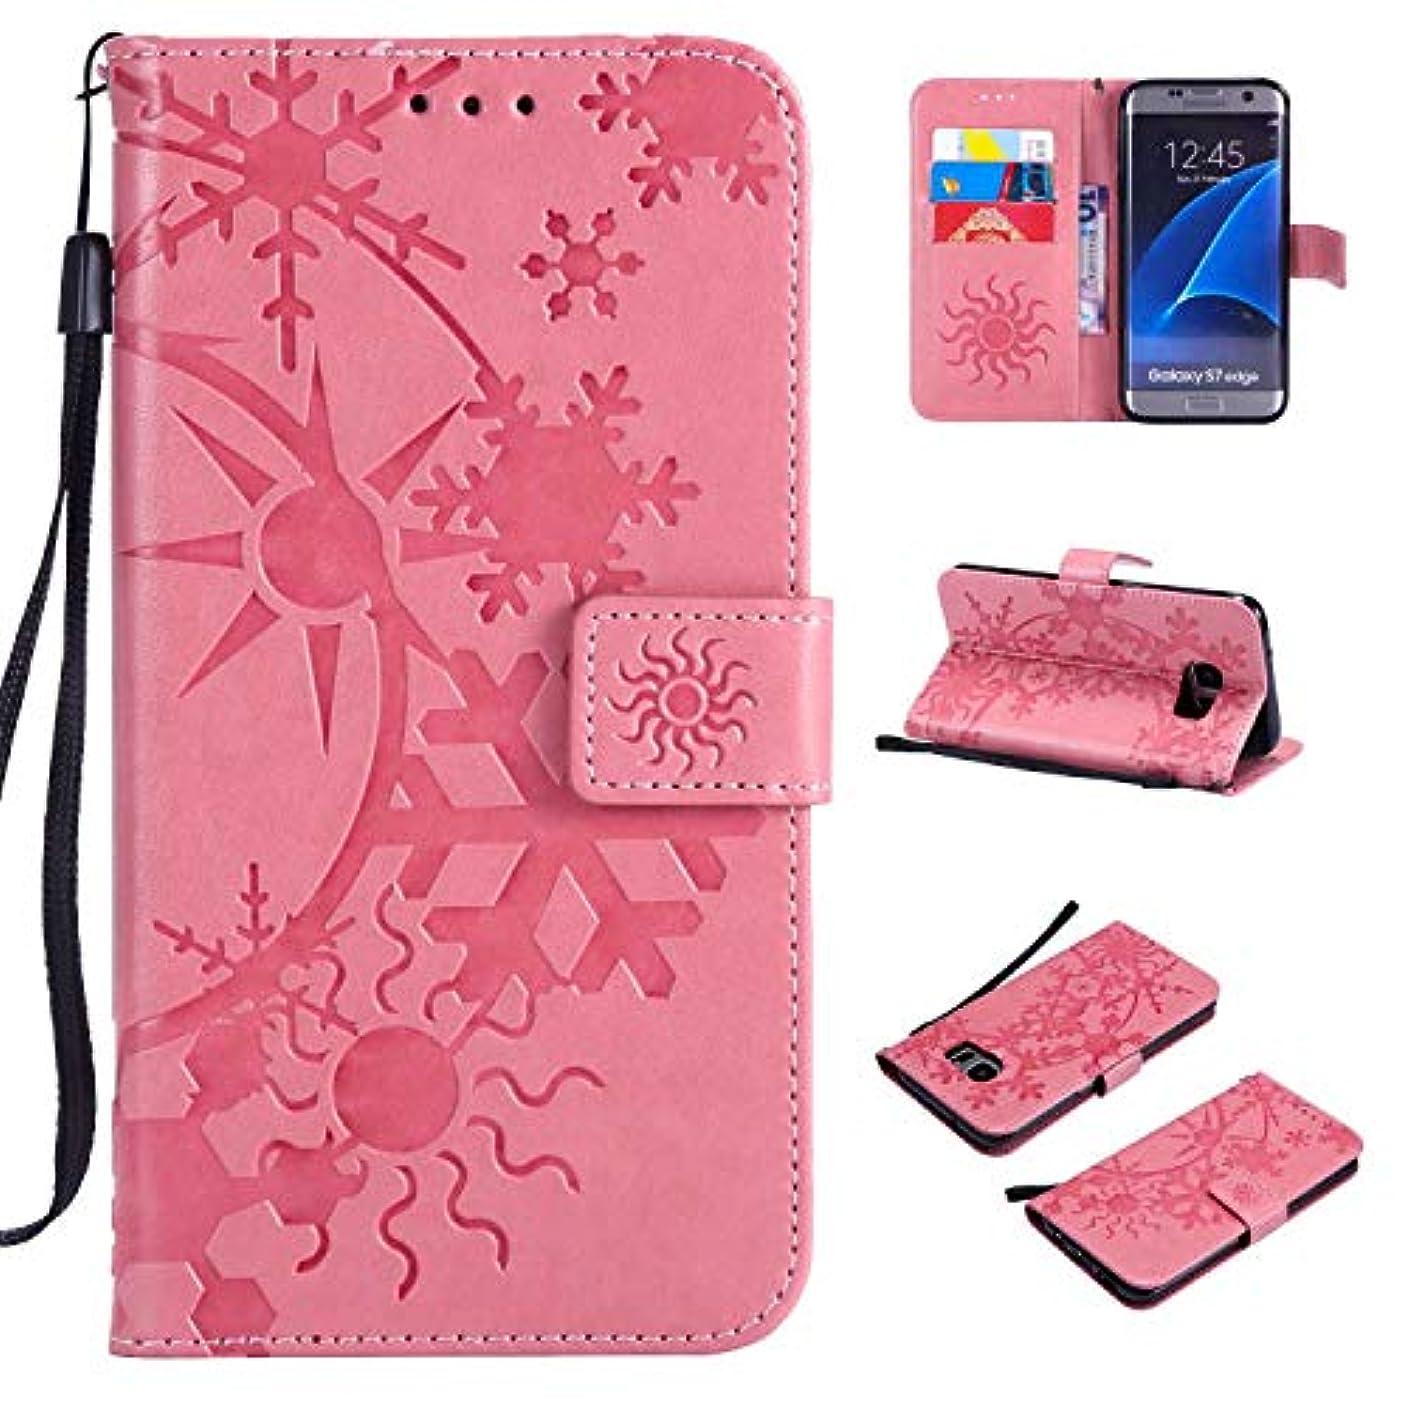 患者火傷刈るGalaxy S7 Edge ケース CUSKING 手帳型 ケース ストラップ付き かわいい 財布 カバー カードポケット付き Samsung ギャラクシー S7 Edge マジックアレイ ケース - ピンク